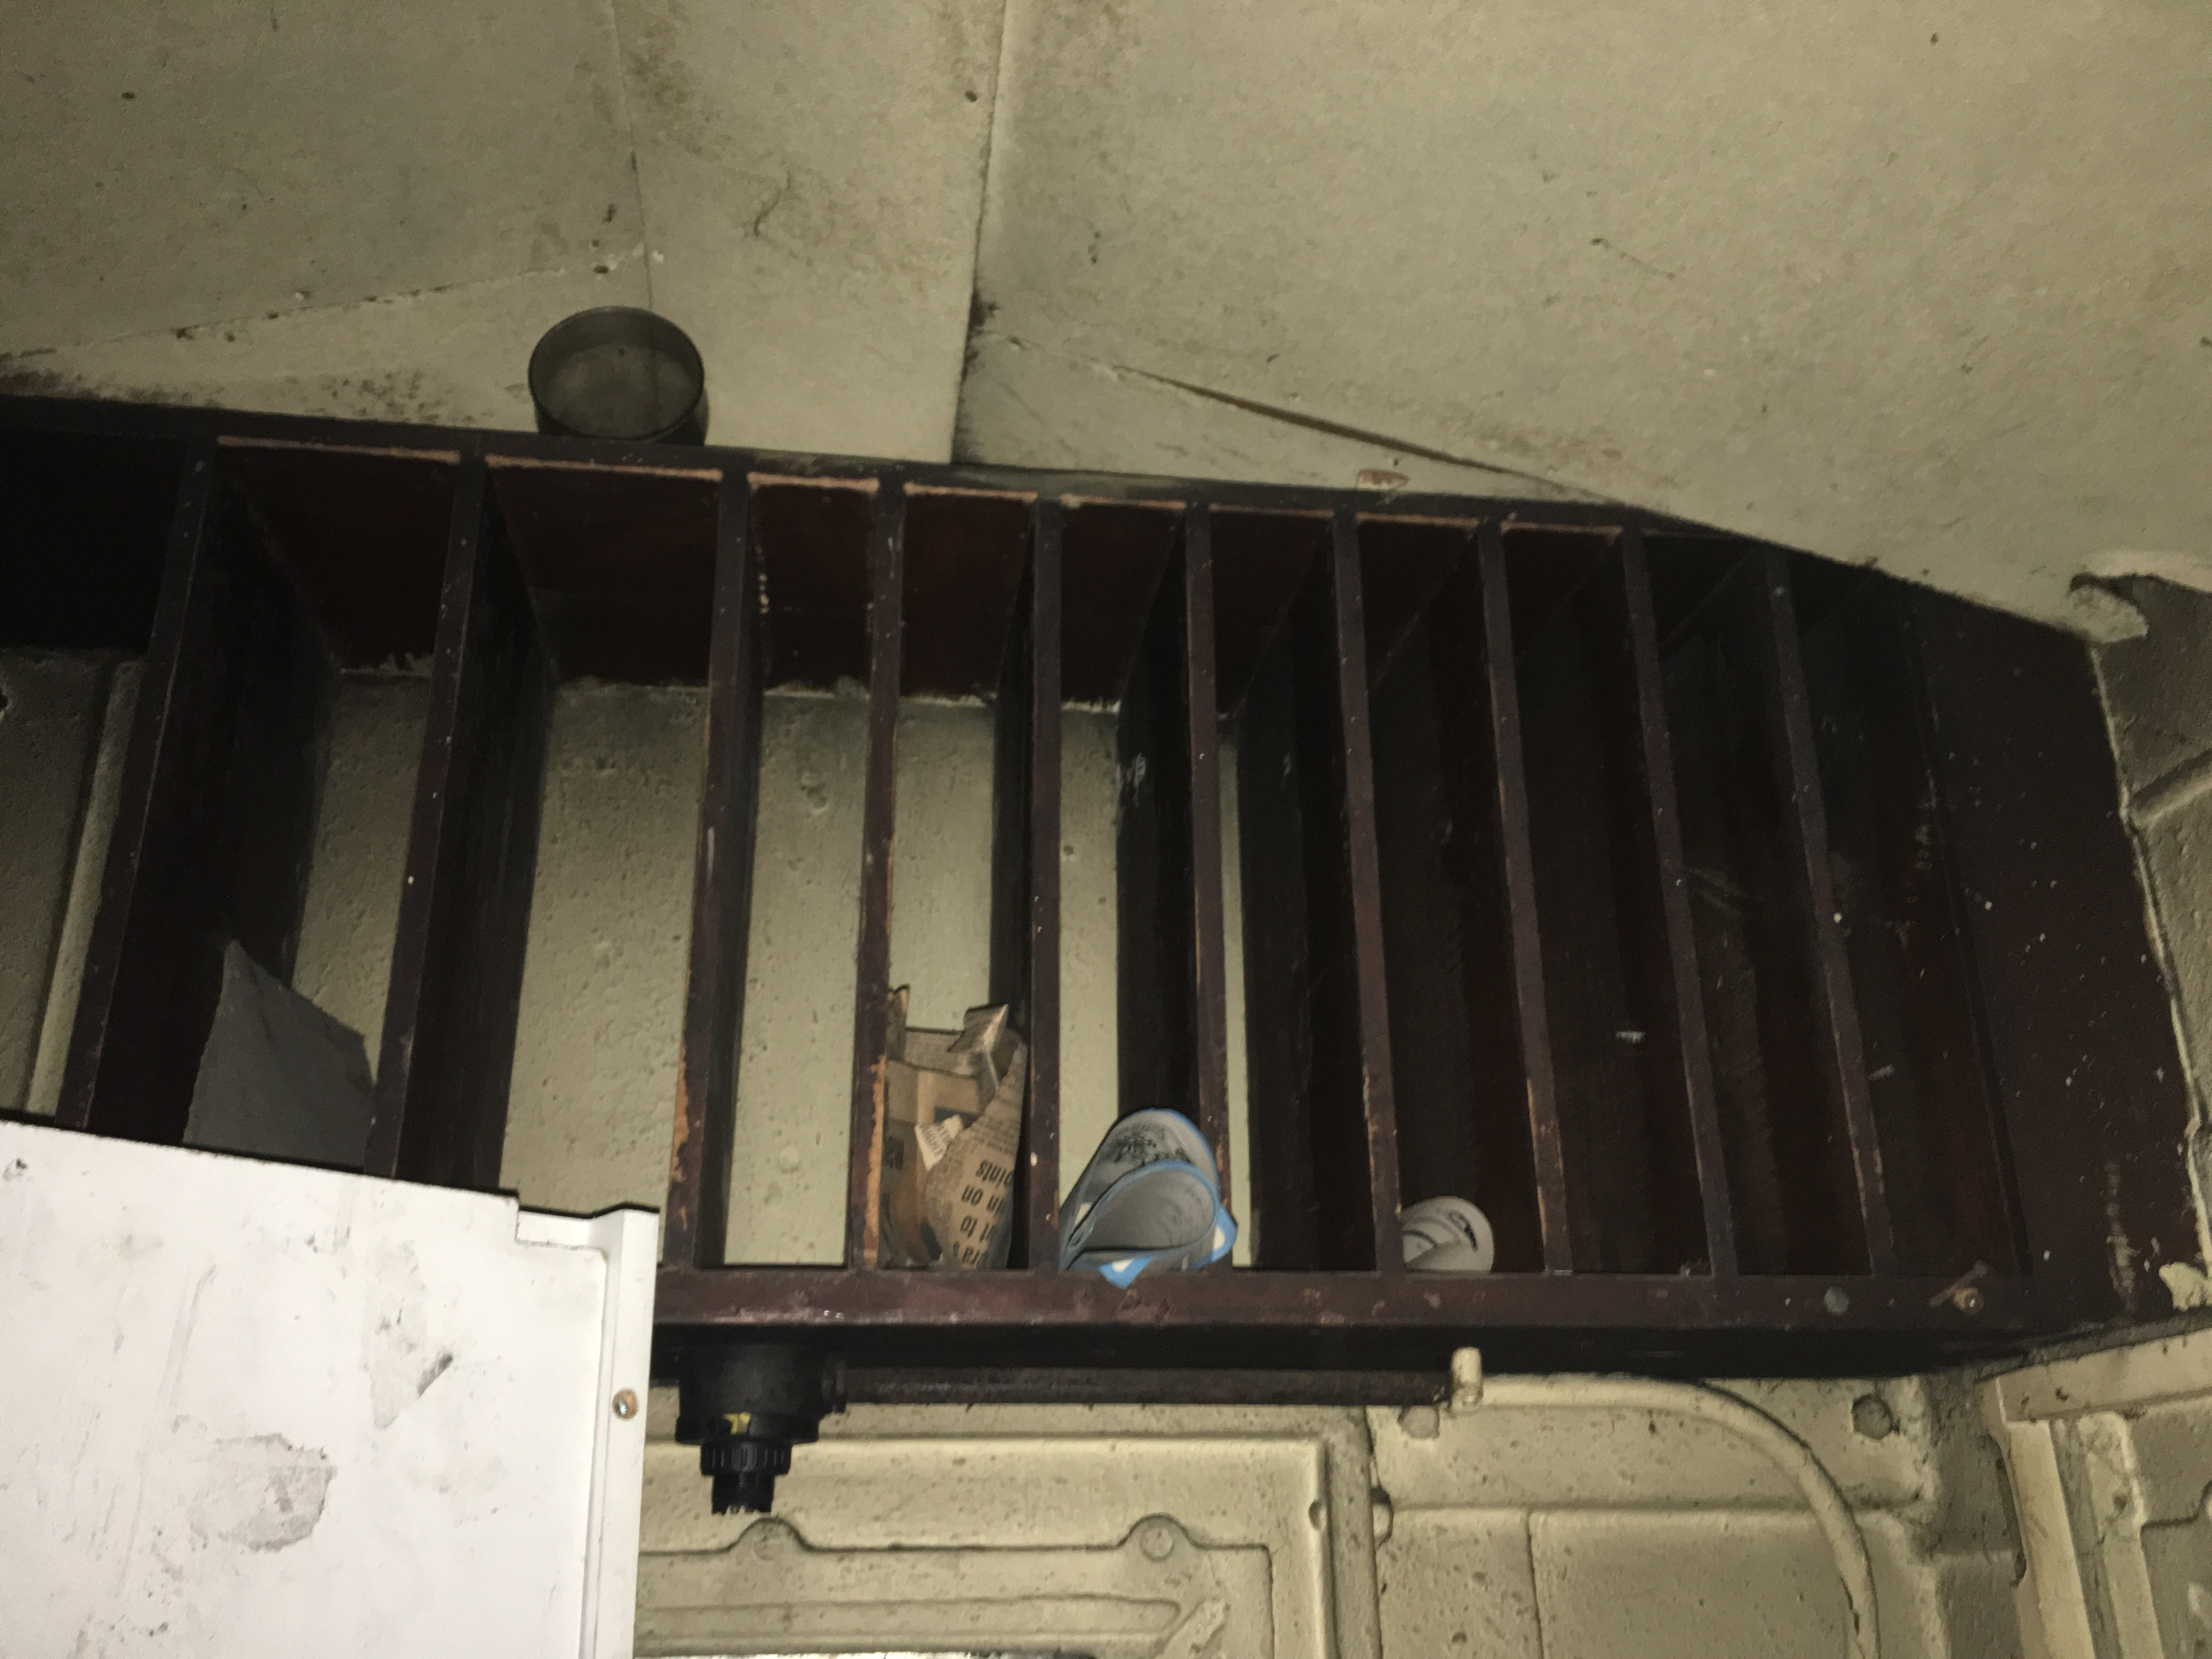 Shelf at ceiling, above desk